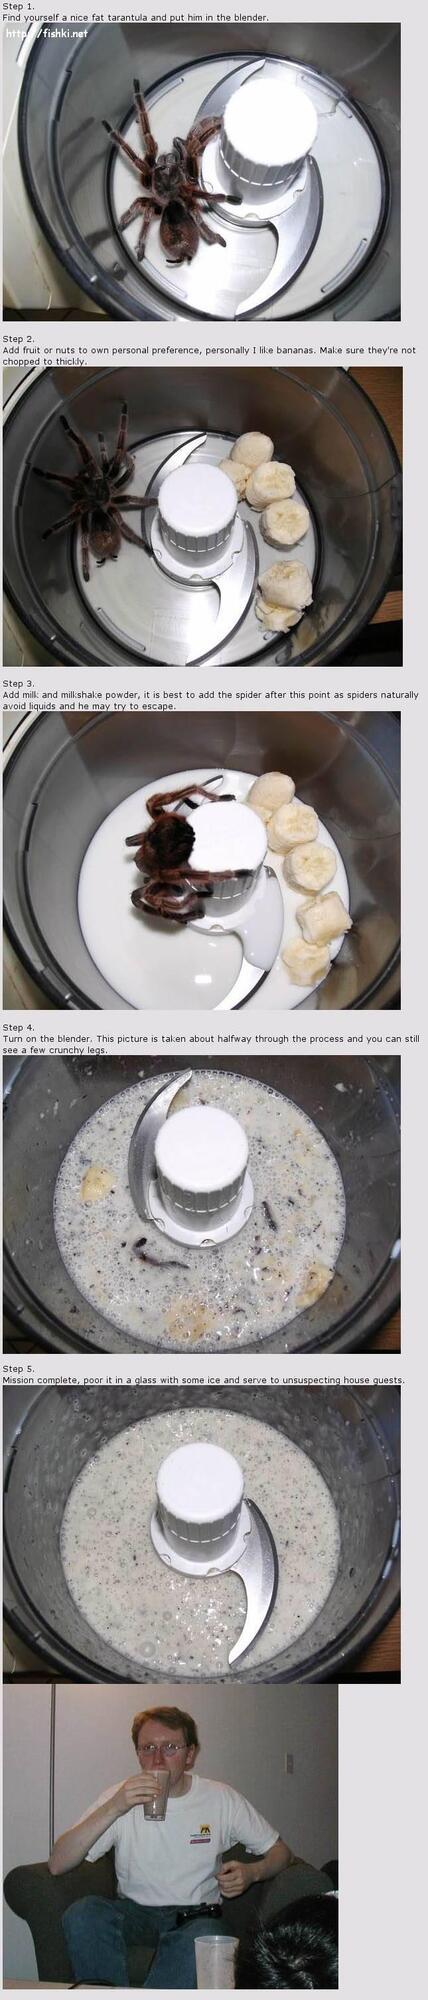 Шокирующий завтрак. Паукоед